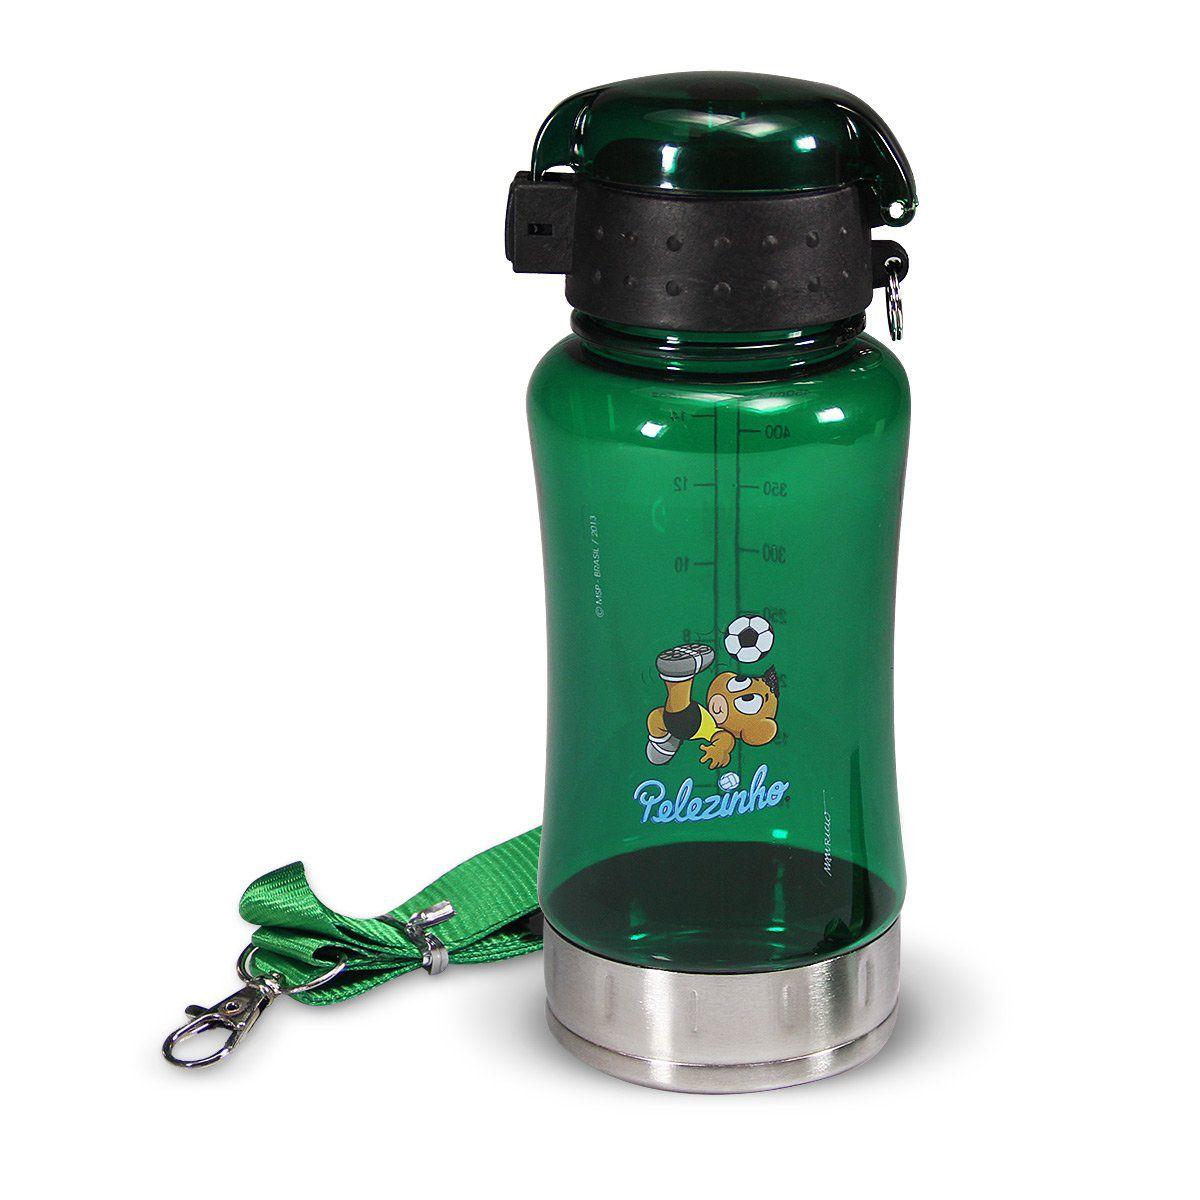 Garrafa Infantil de Plástico Transparente Verde Turma da Mônica - Pelezinho